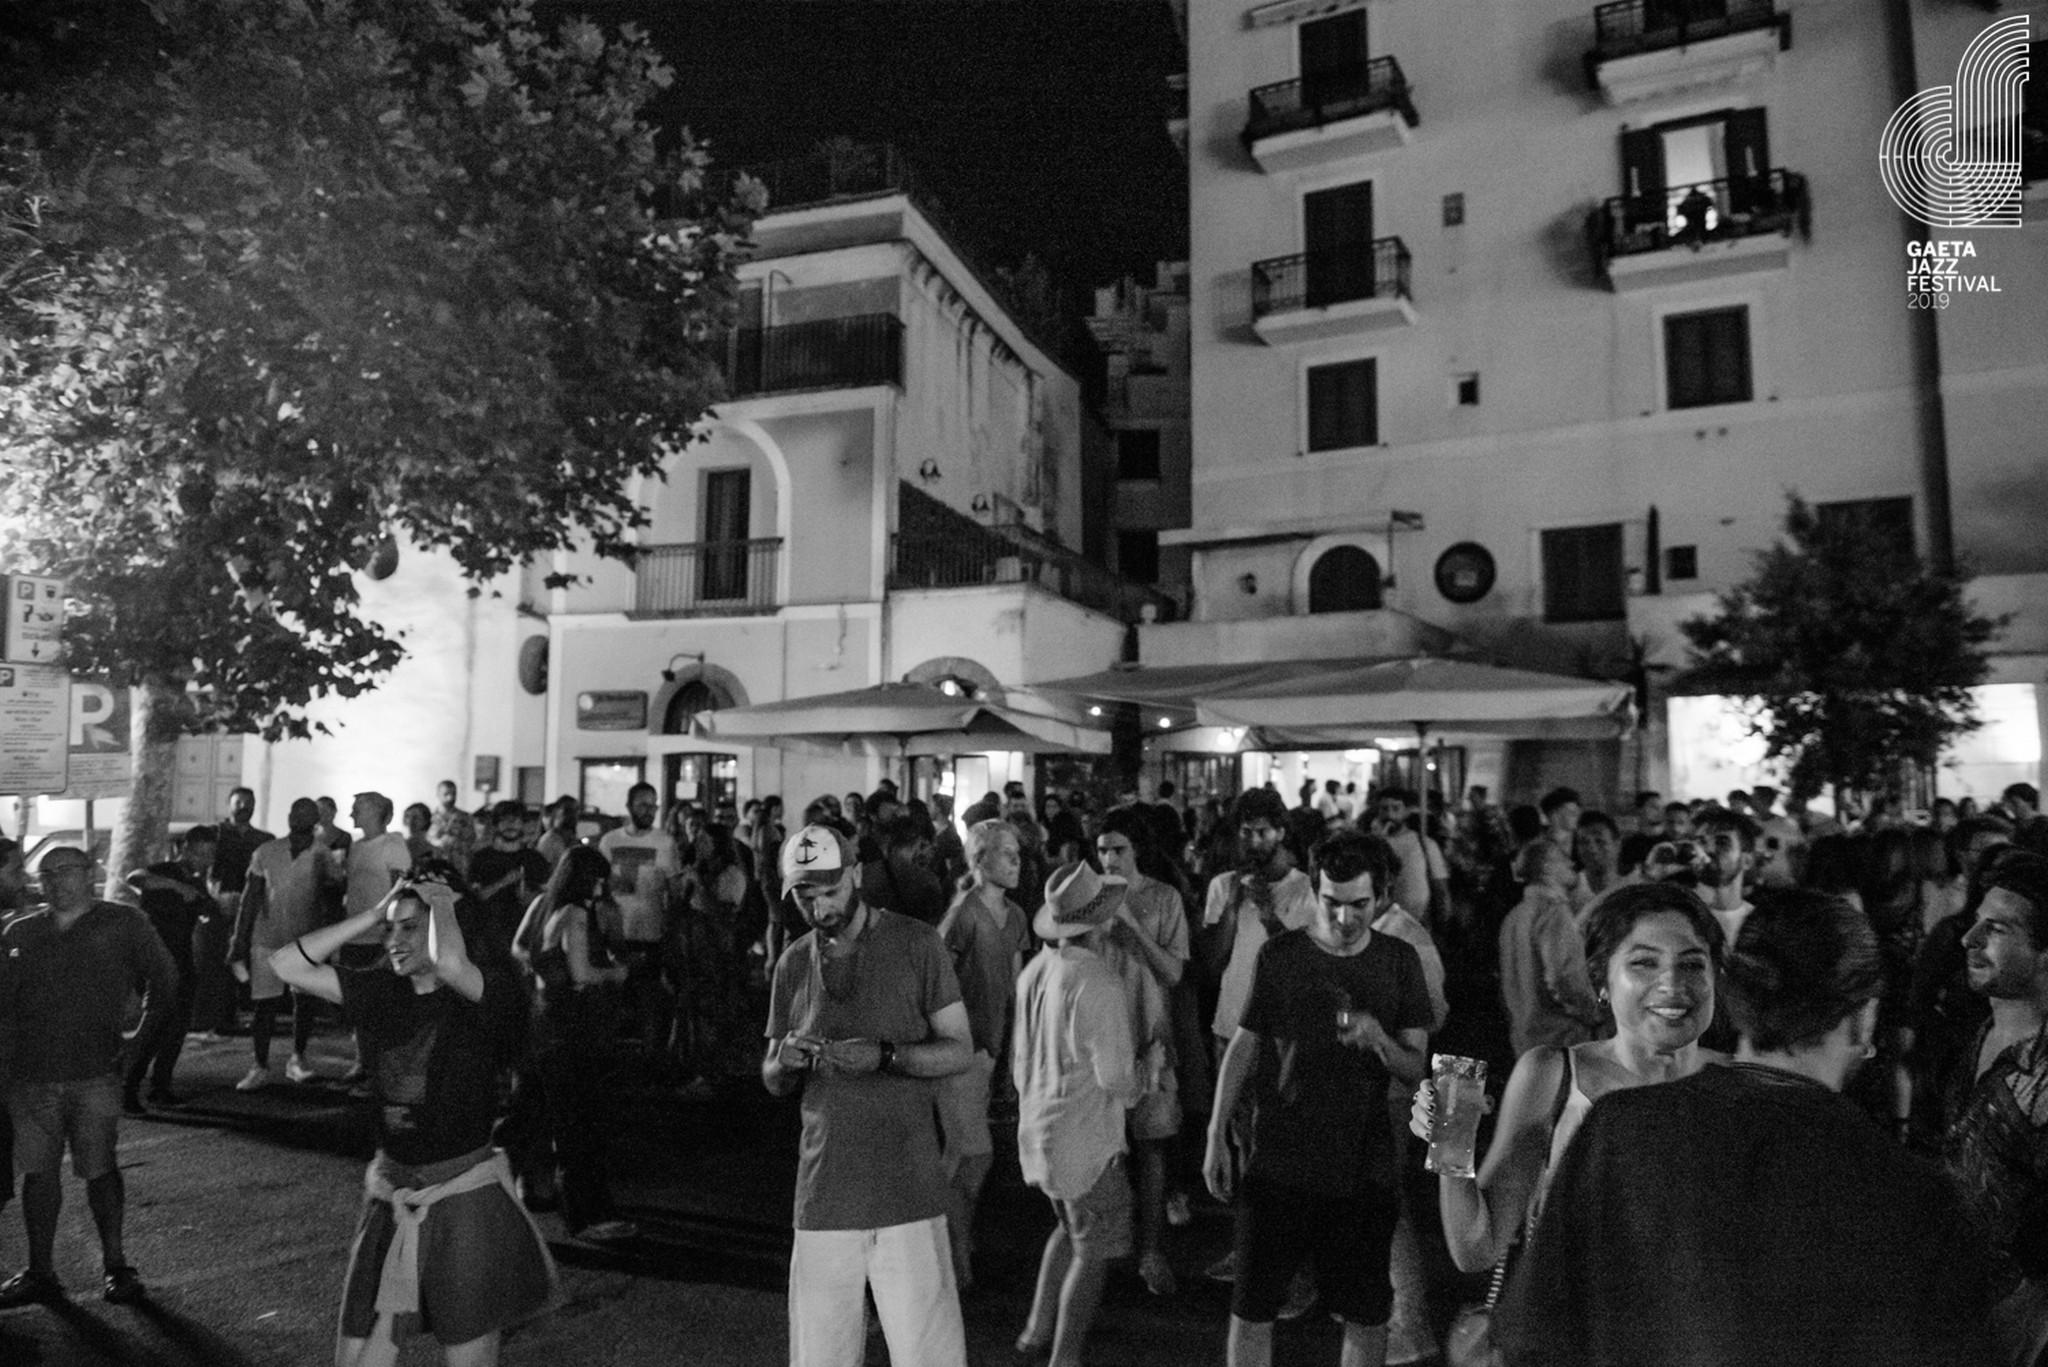 Flavia_Fiengo_Gaeta_Jazz_Festival_live_2019__00078